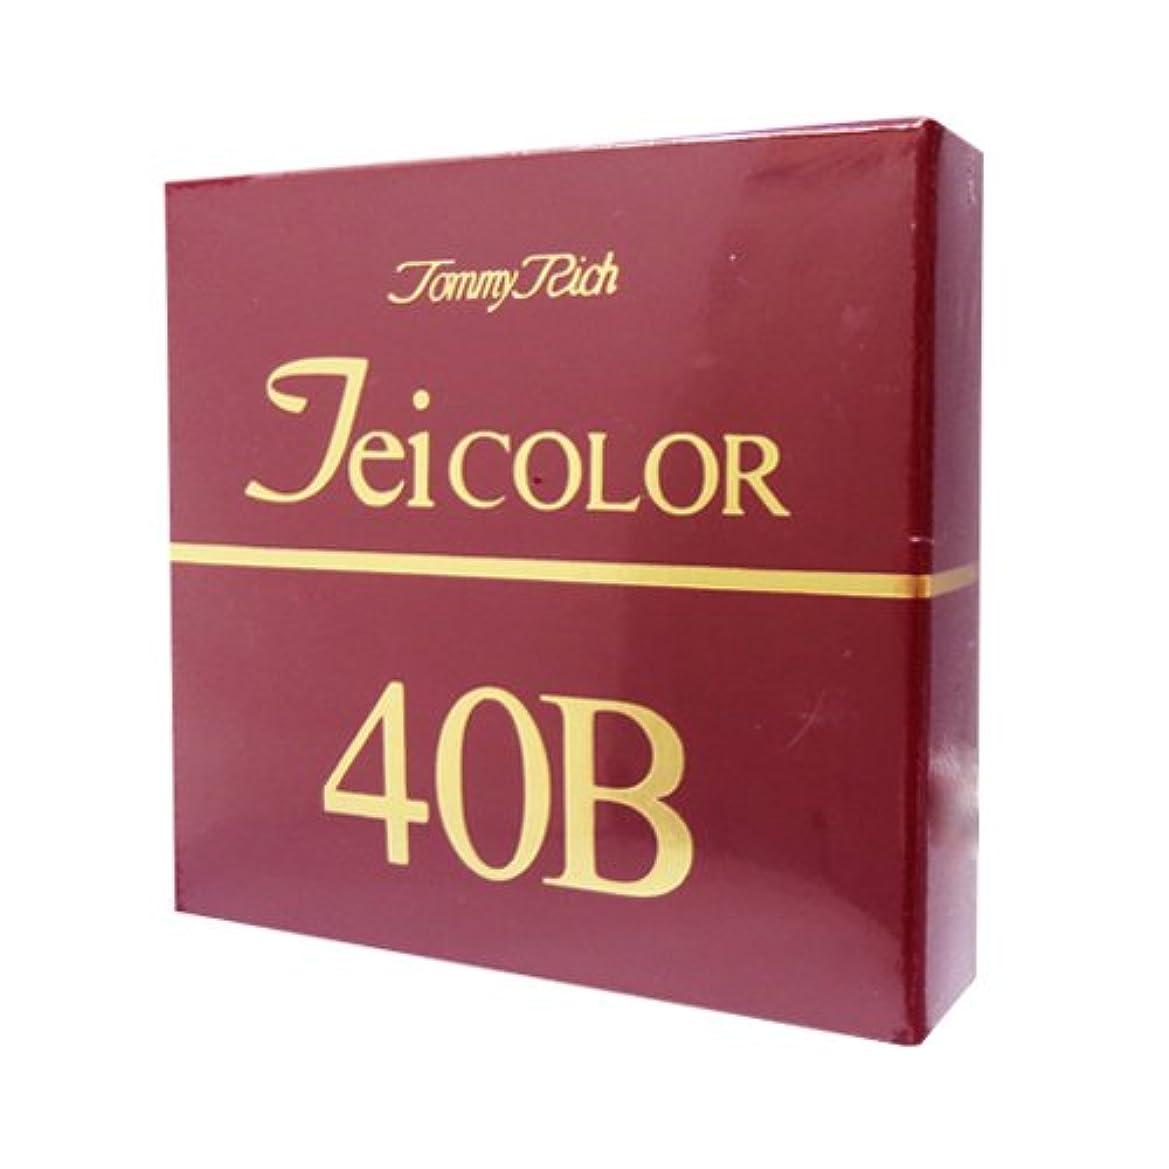 環境に優しいに賛成バングラデシュトミーリッチ TEIカラー 40B(色白肌用)